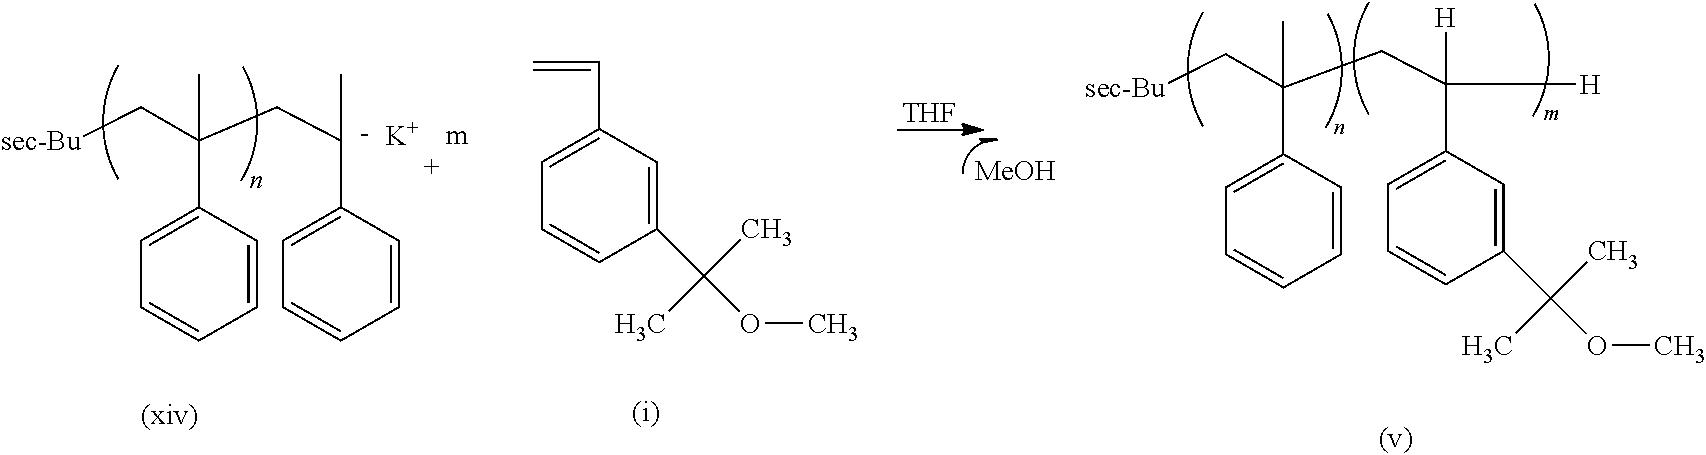 Figure US10280130-20190507-C00015